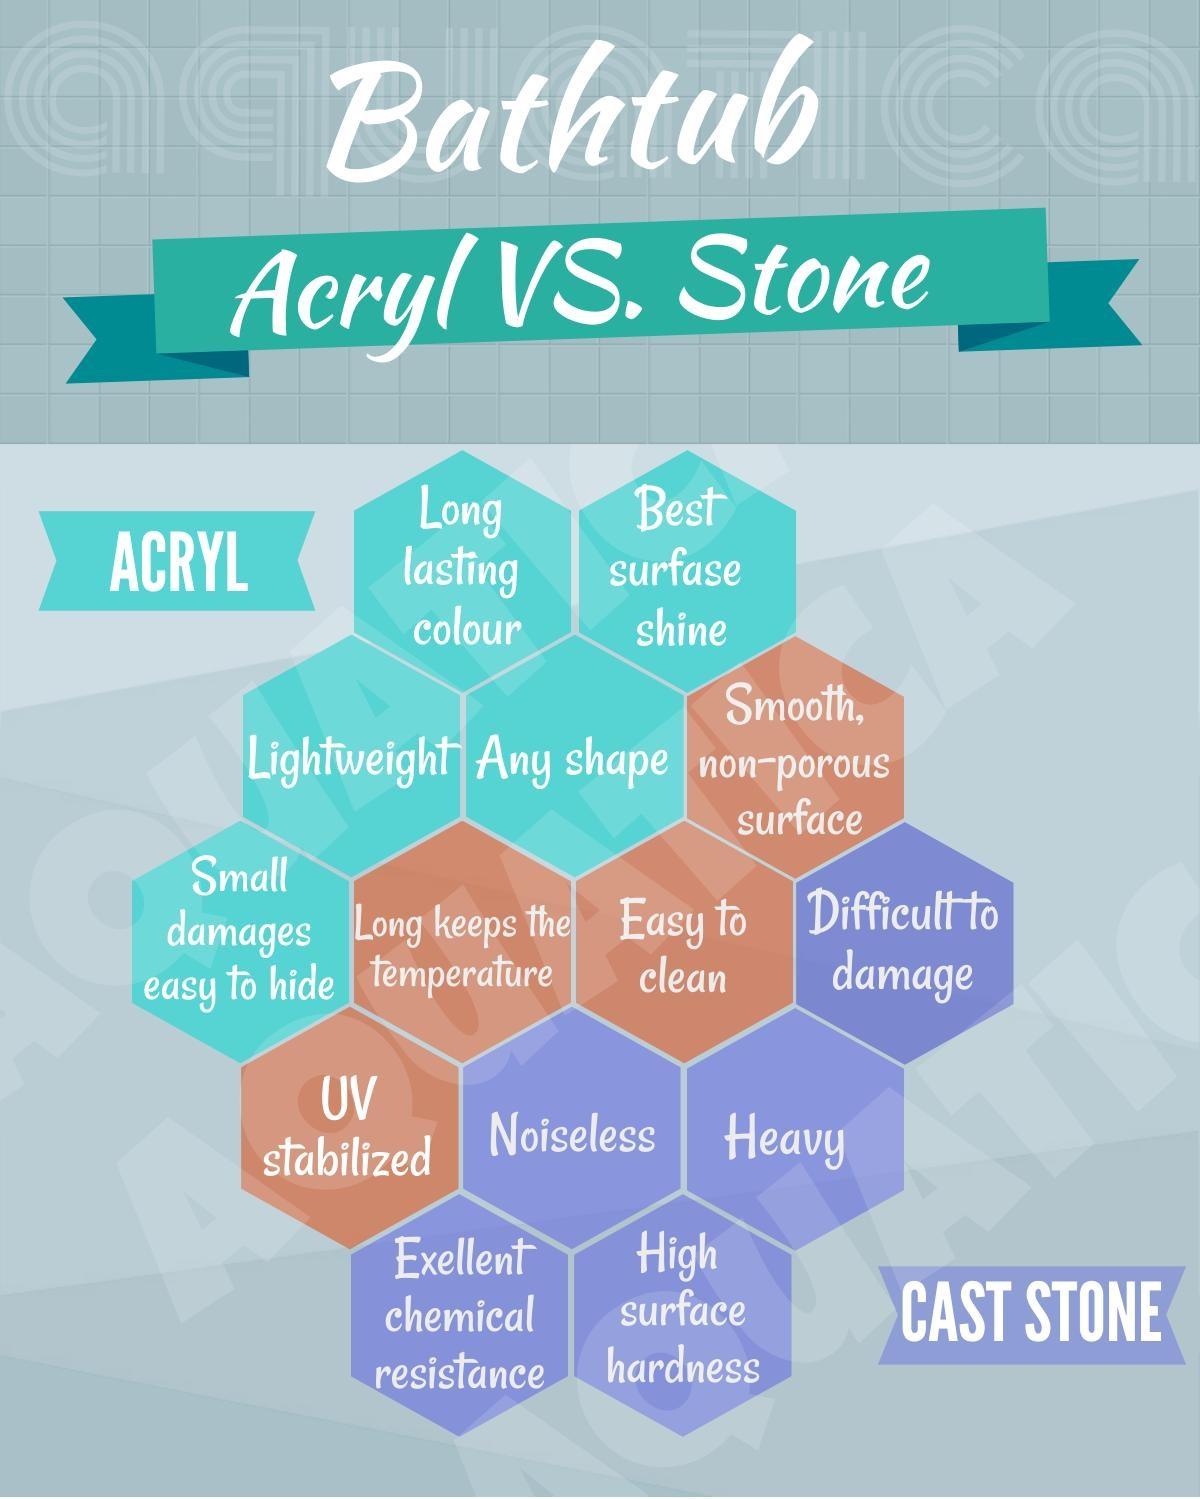 choice of material bathtubs acryl or stone